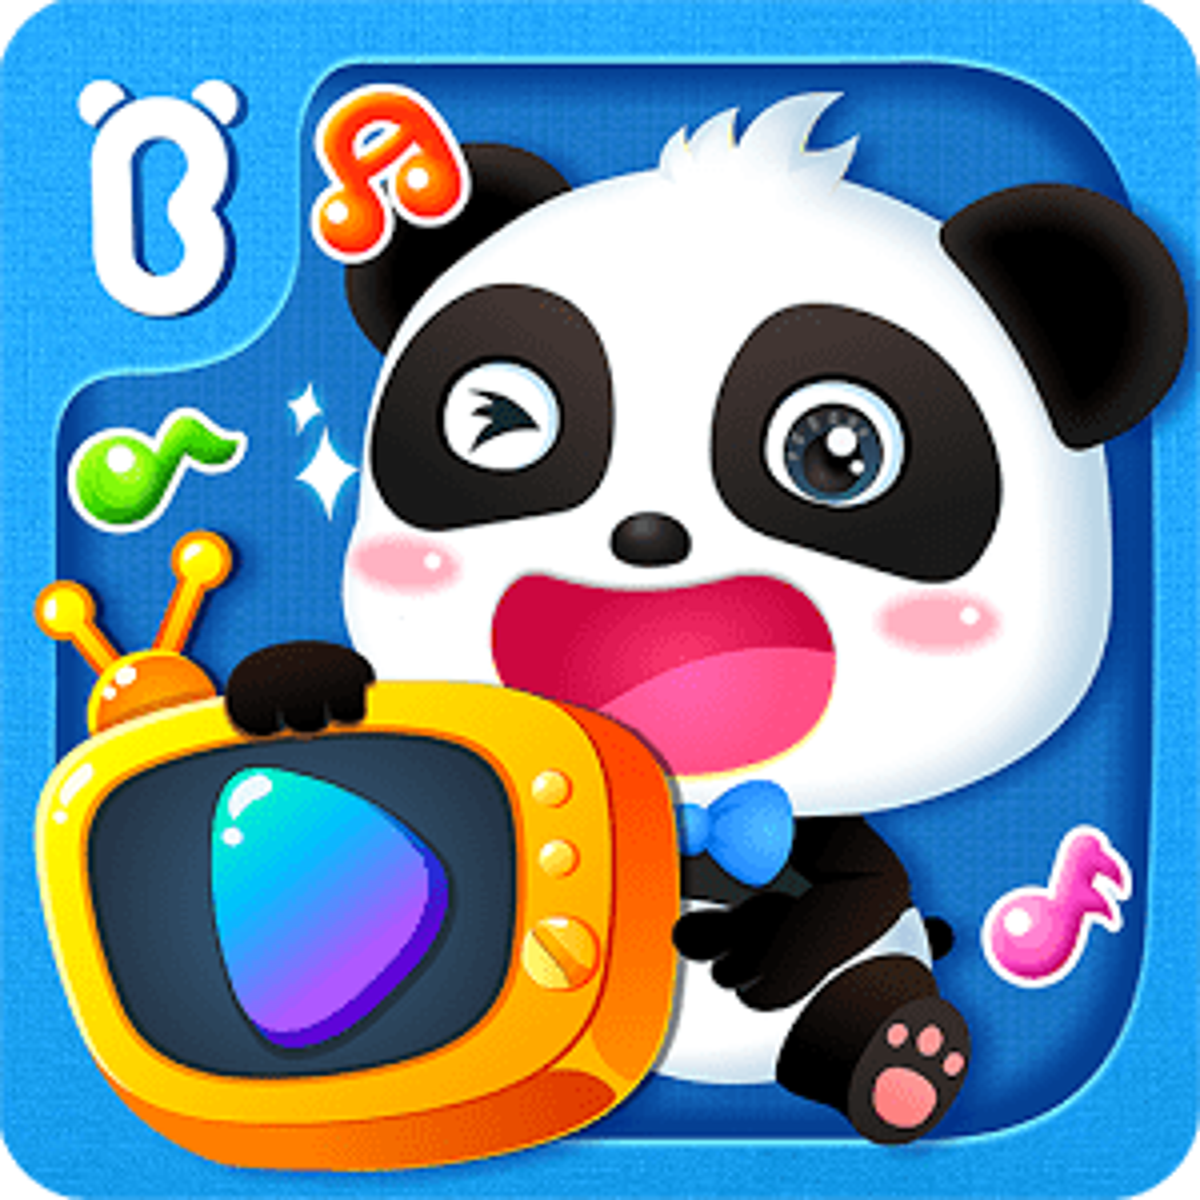 BabyBus Kids TV: Songs & Video 1.0.0.0